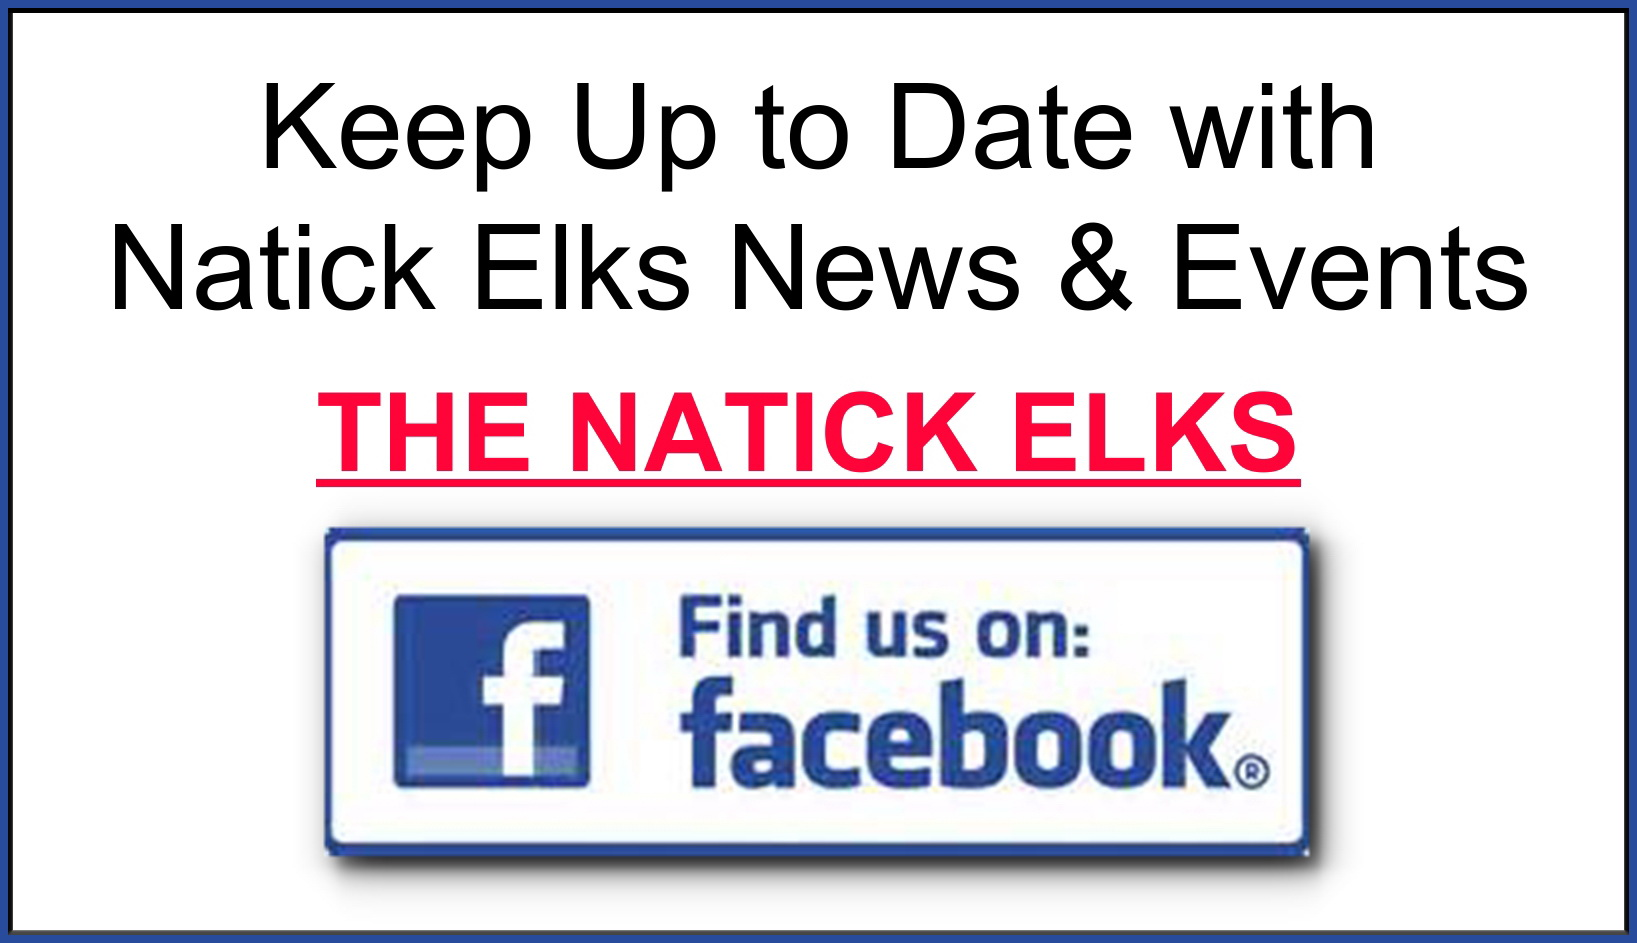 Find Us on Facebook.jpg